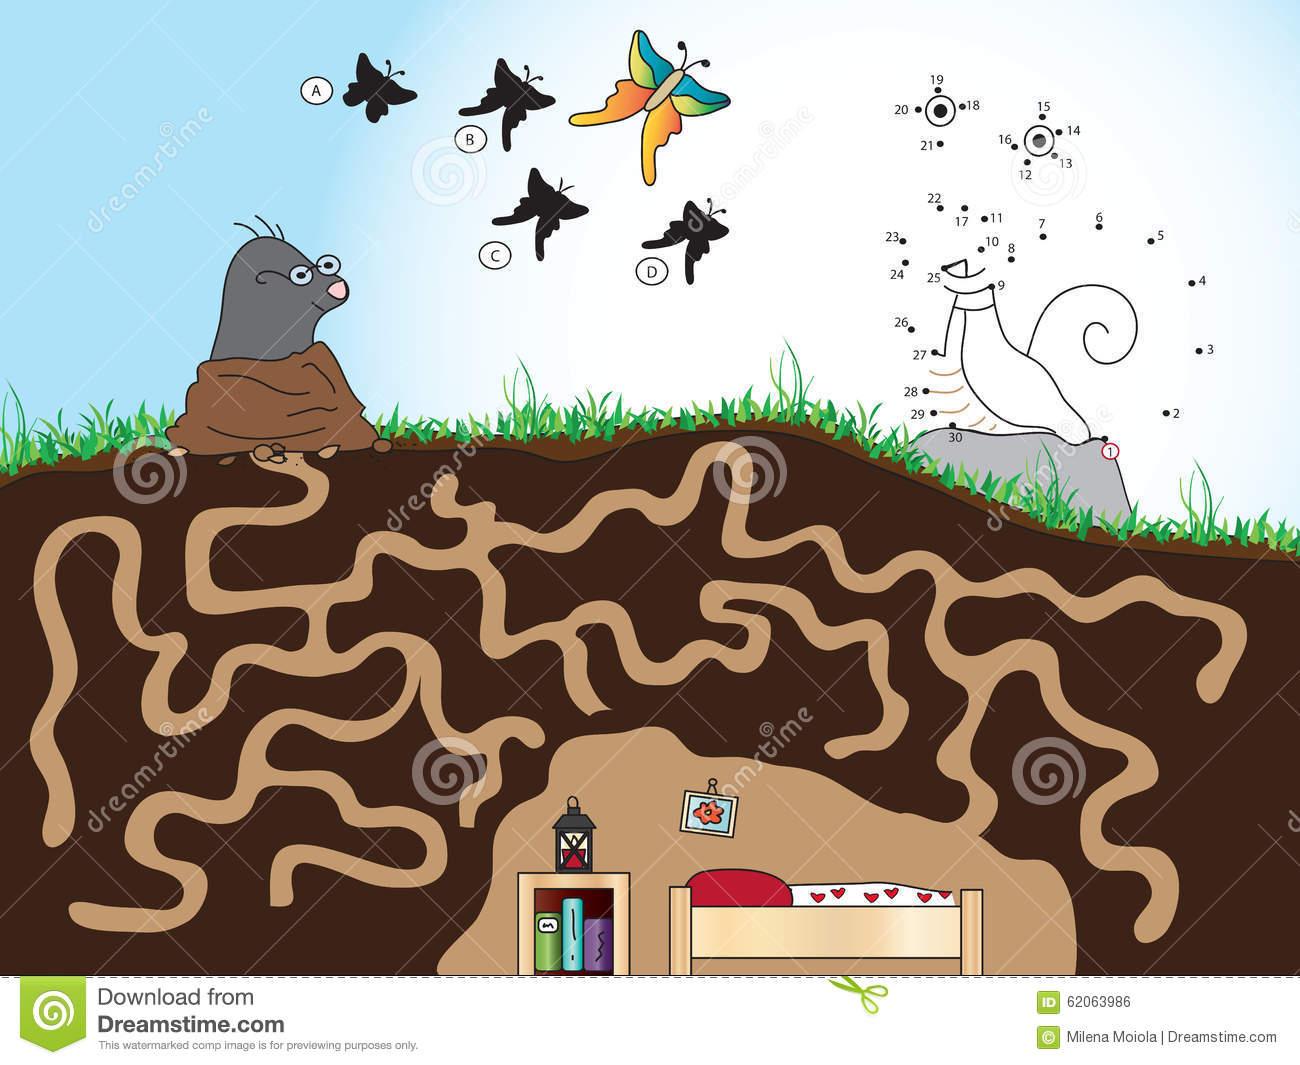 Jeu Pour Des Enfants Illustration Stock. Illustration Du avec Jeu De La Taupe